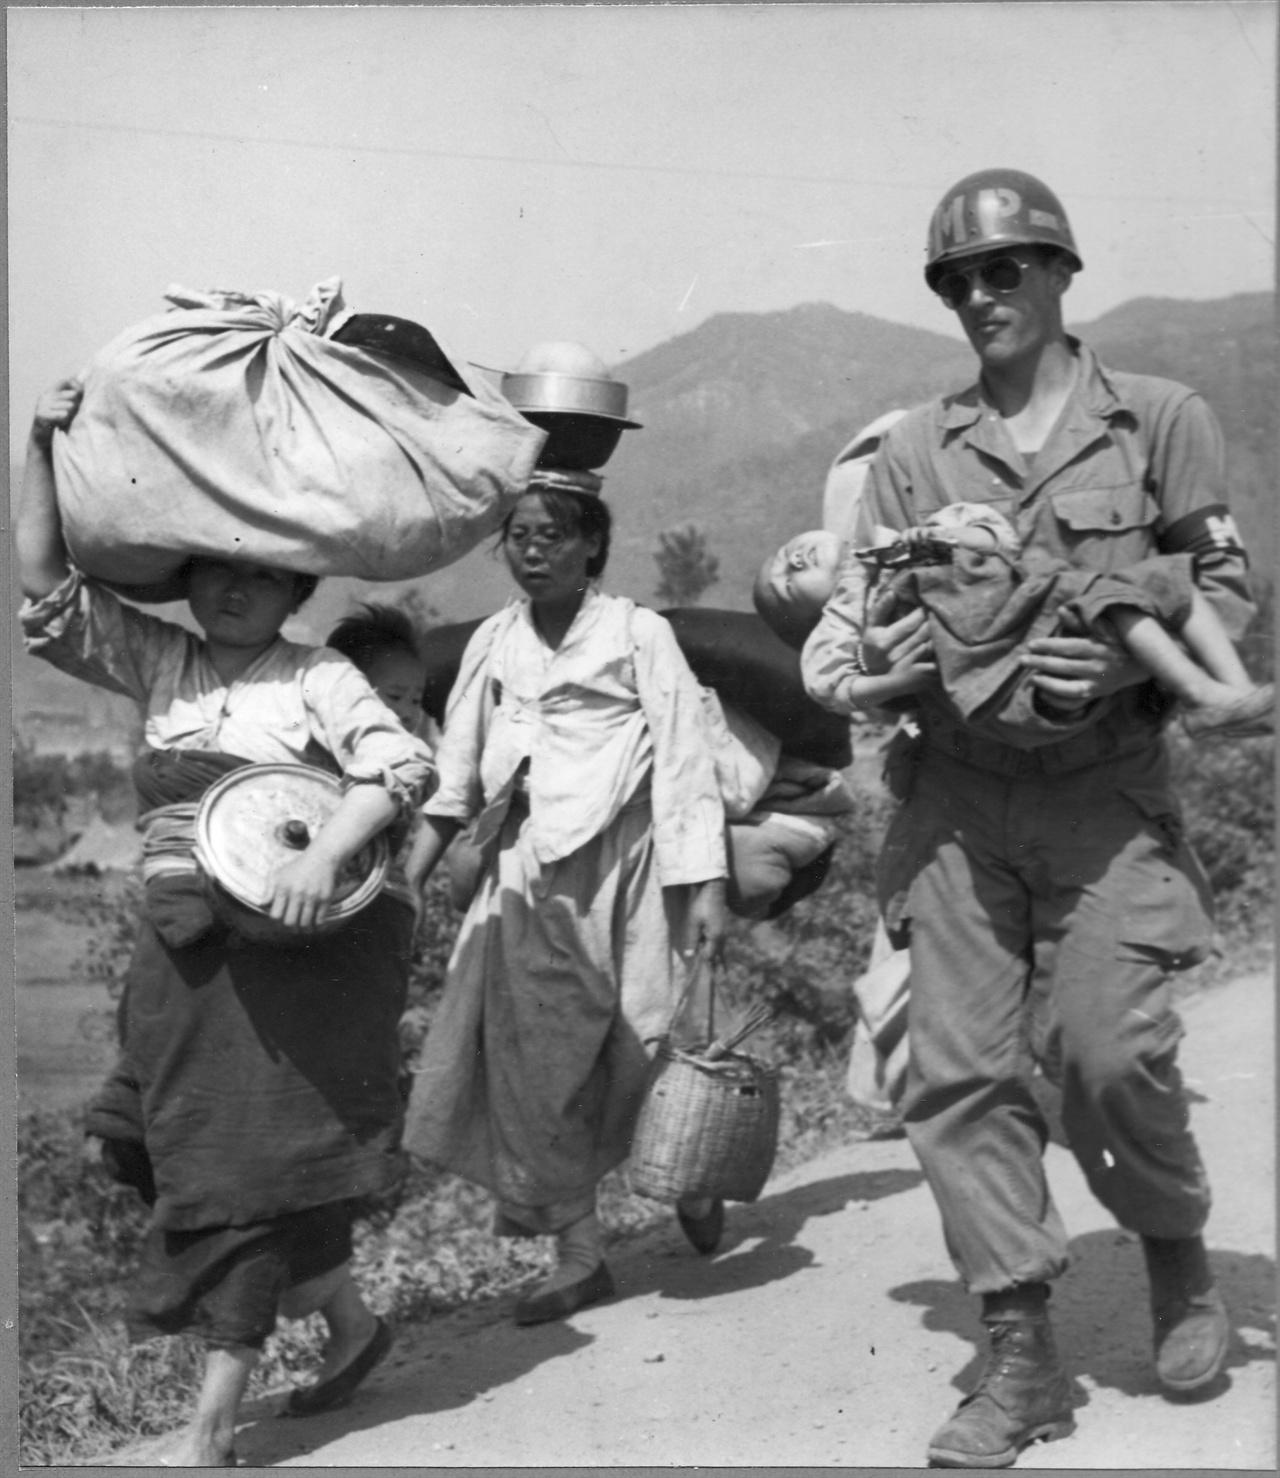 화천, 한 유엔군이 아이를 안아 피란길을 도와주고 있다.